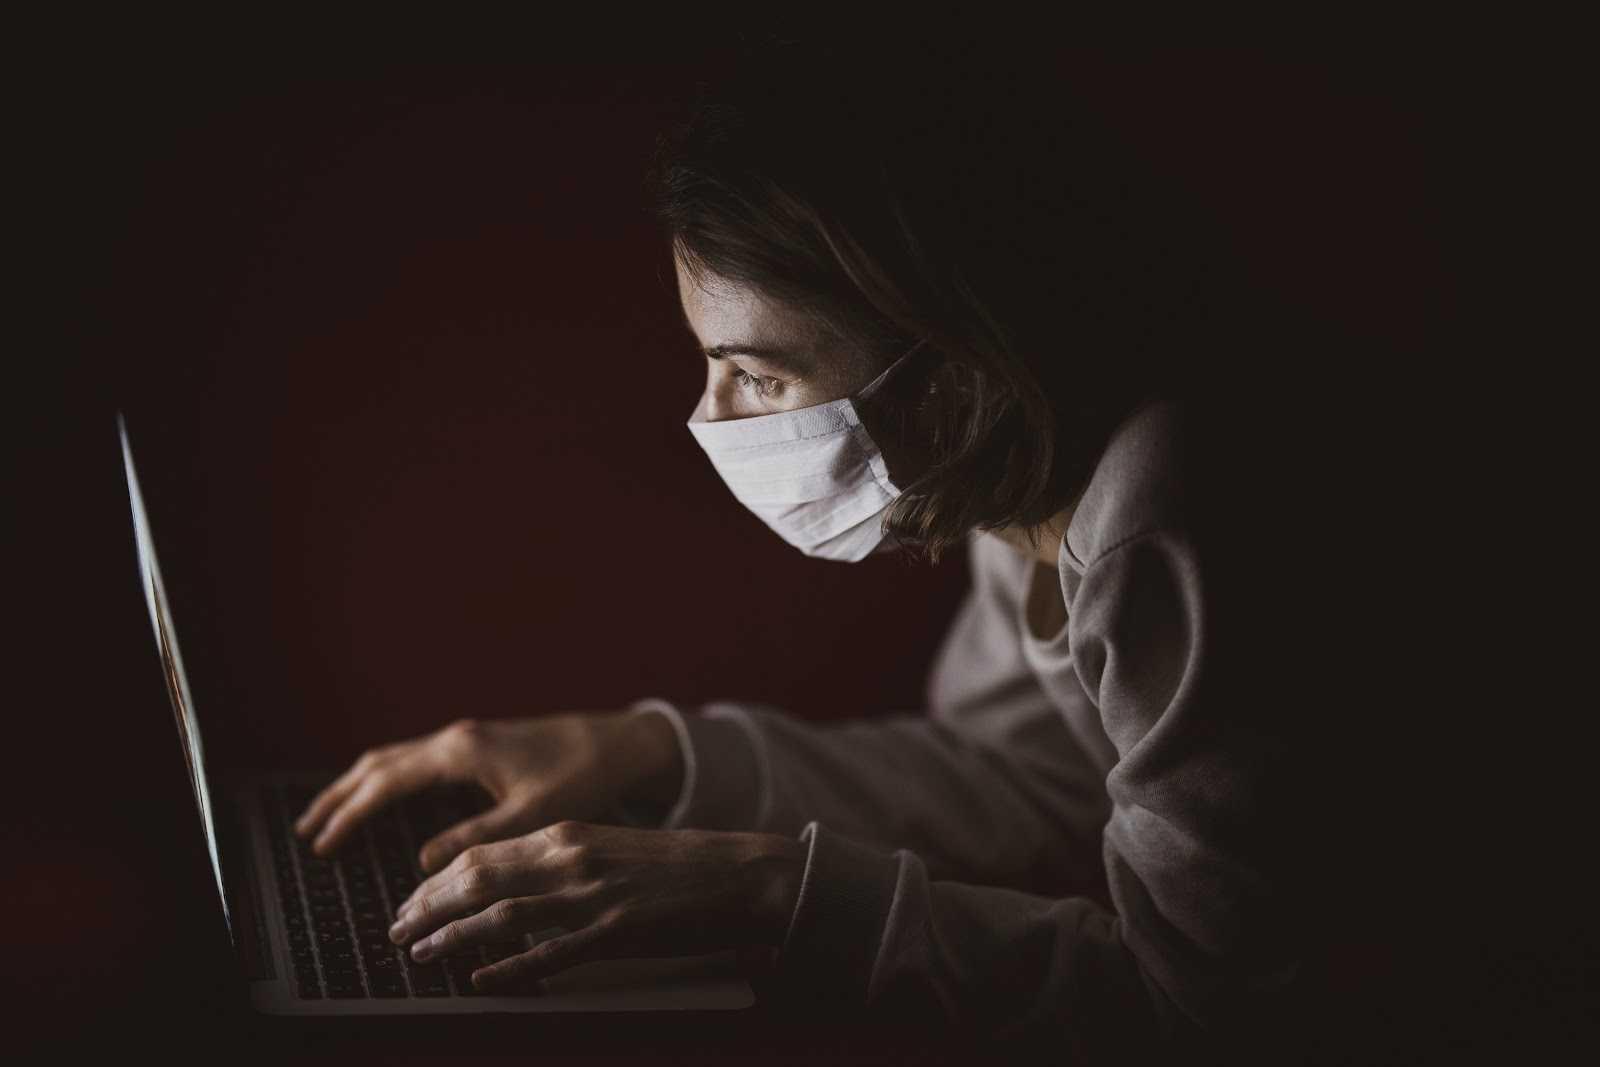 risques psychosociaux covid télétravail salarié avec un masque